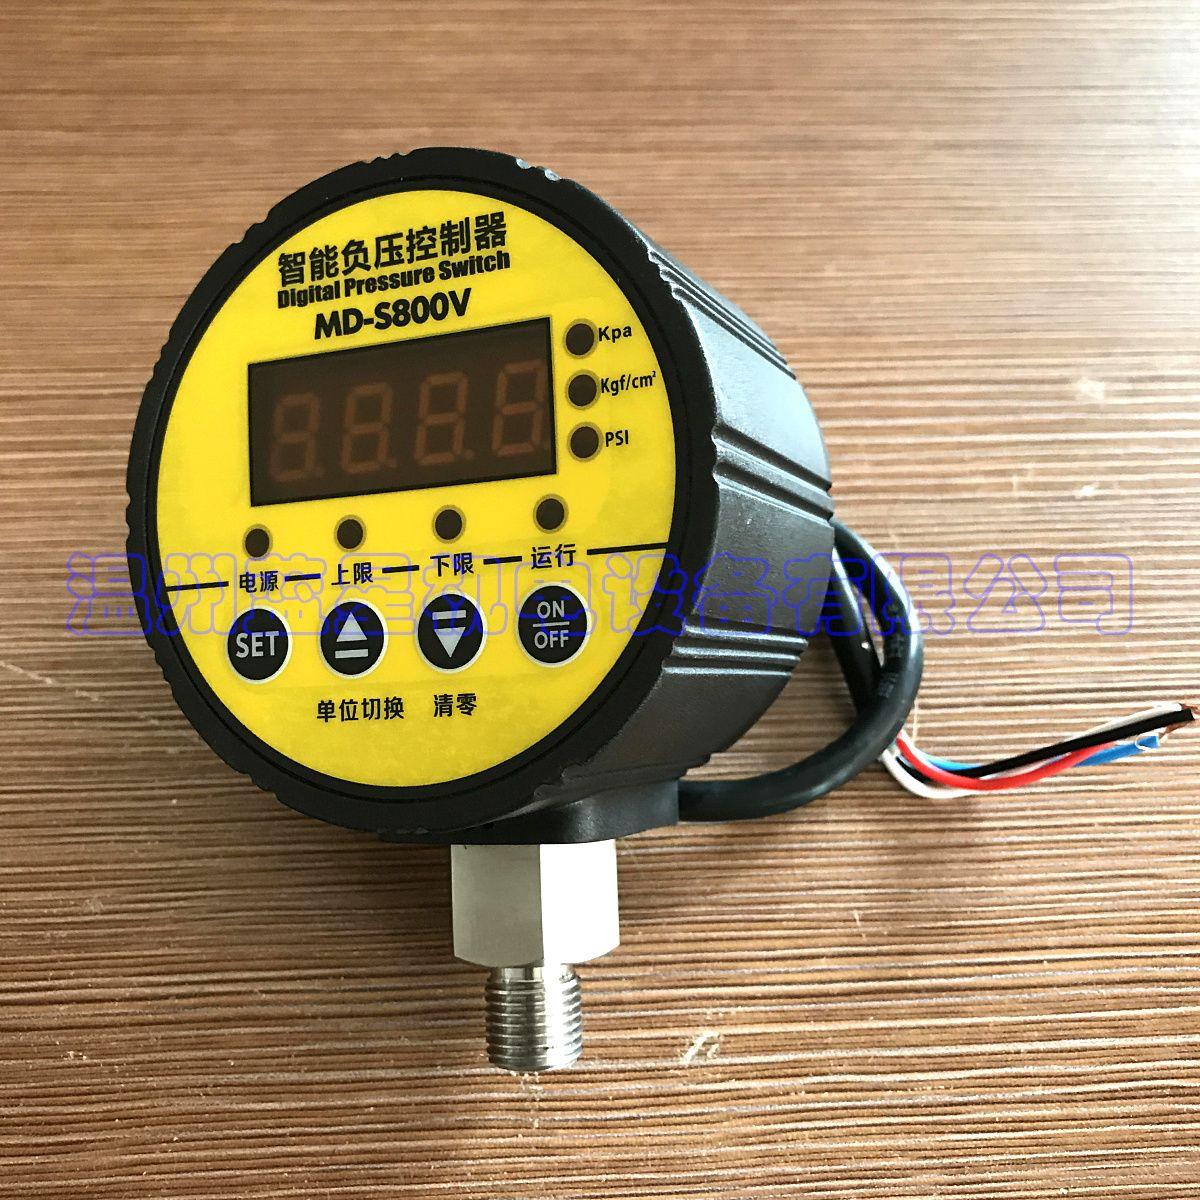 Digital pressure controller pressure switch vacuum table negative MD-S800V AC220V G1/2 M20X1.5 G1/4 M14X1.5